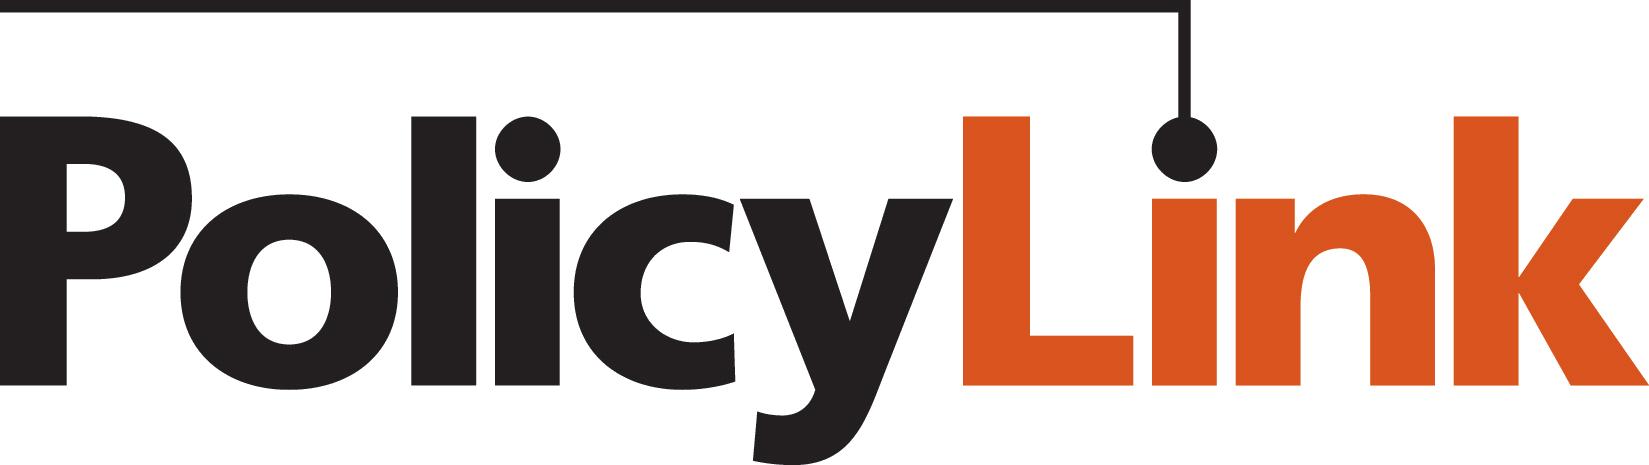 PolicyLink-Logo-hi-res (1).png